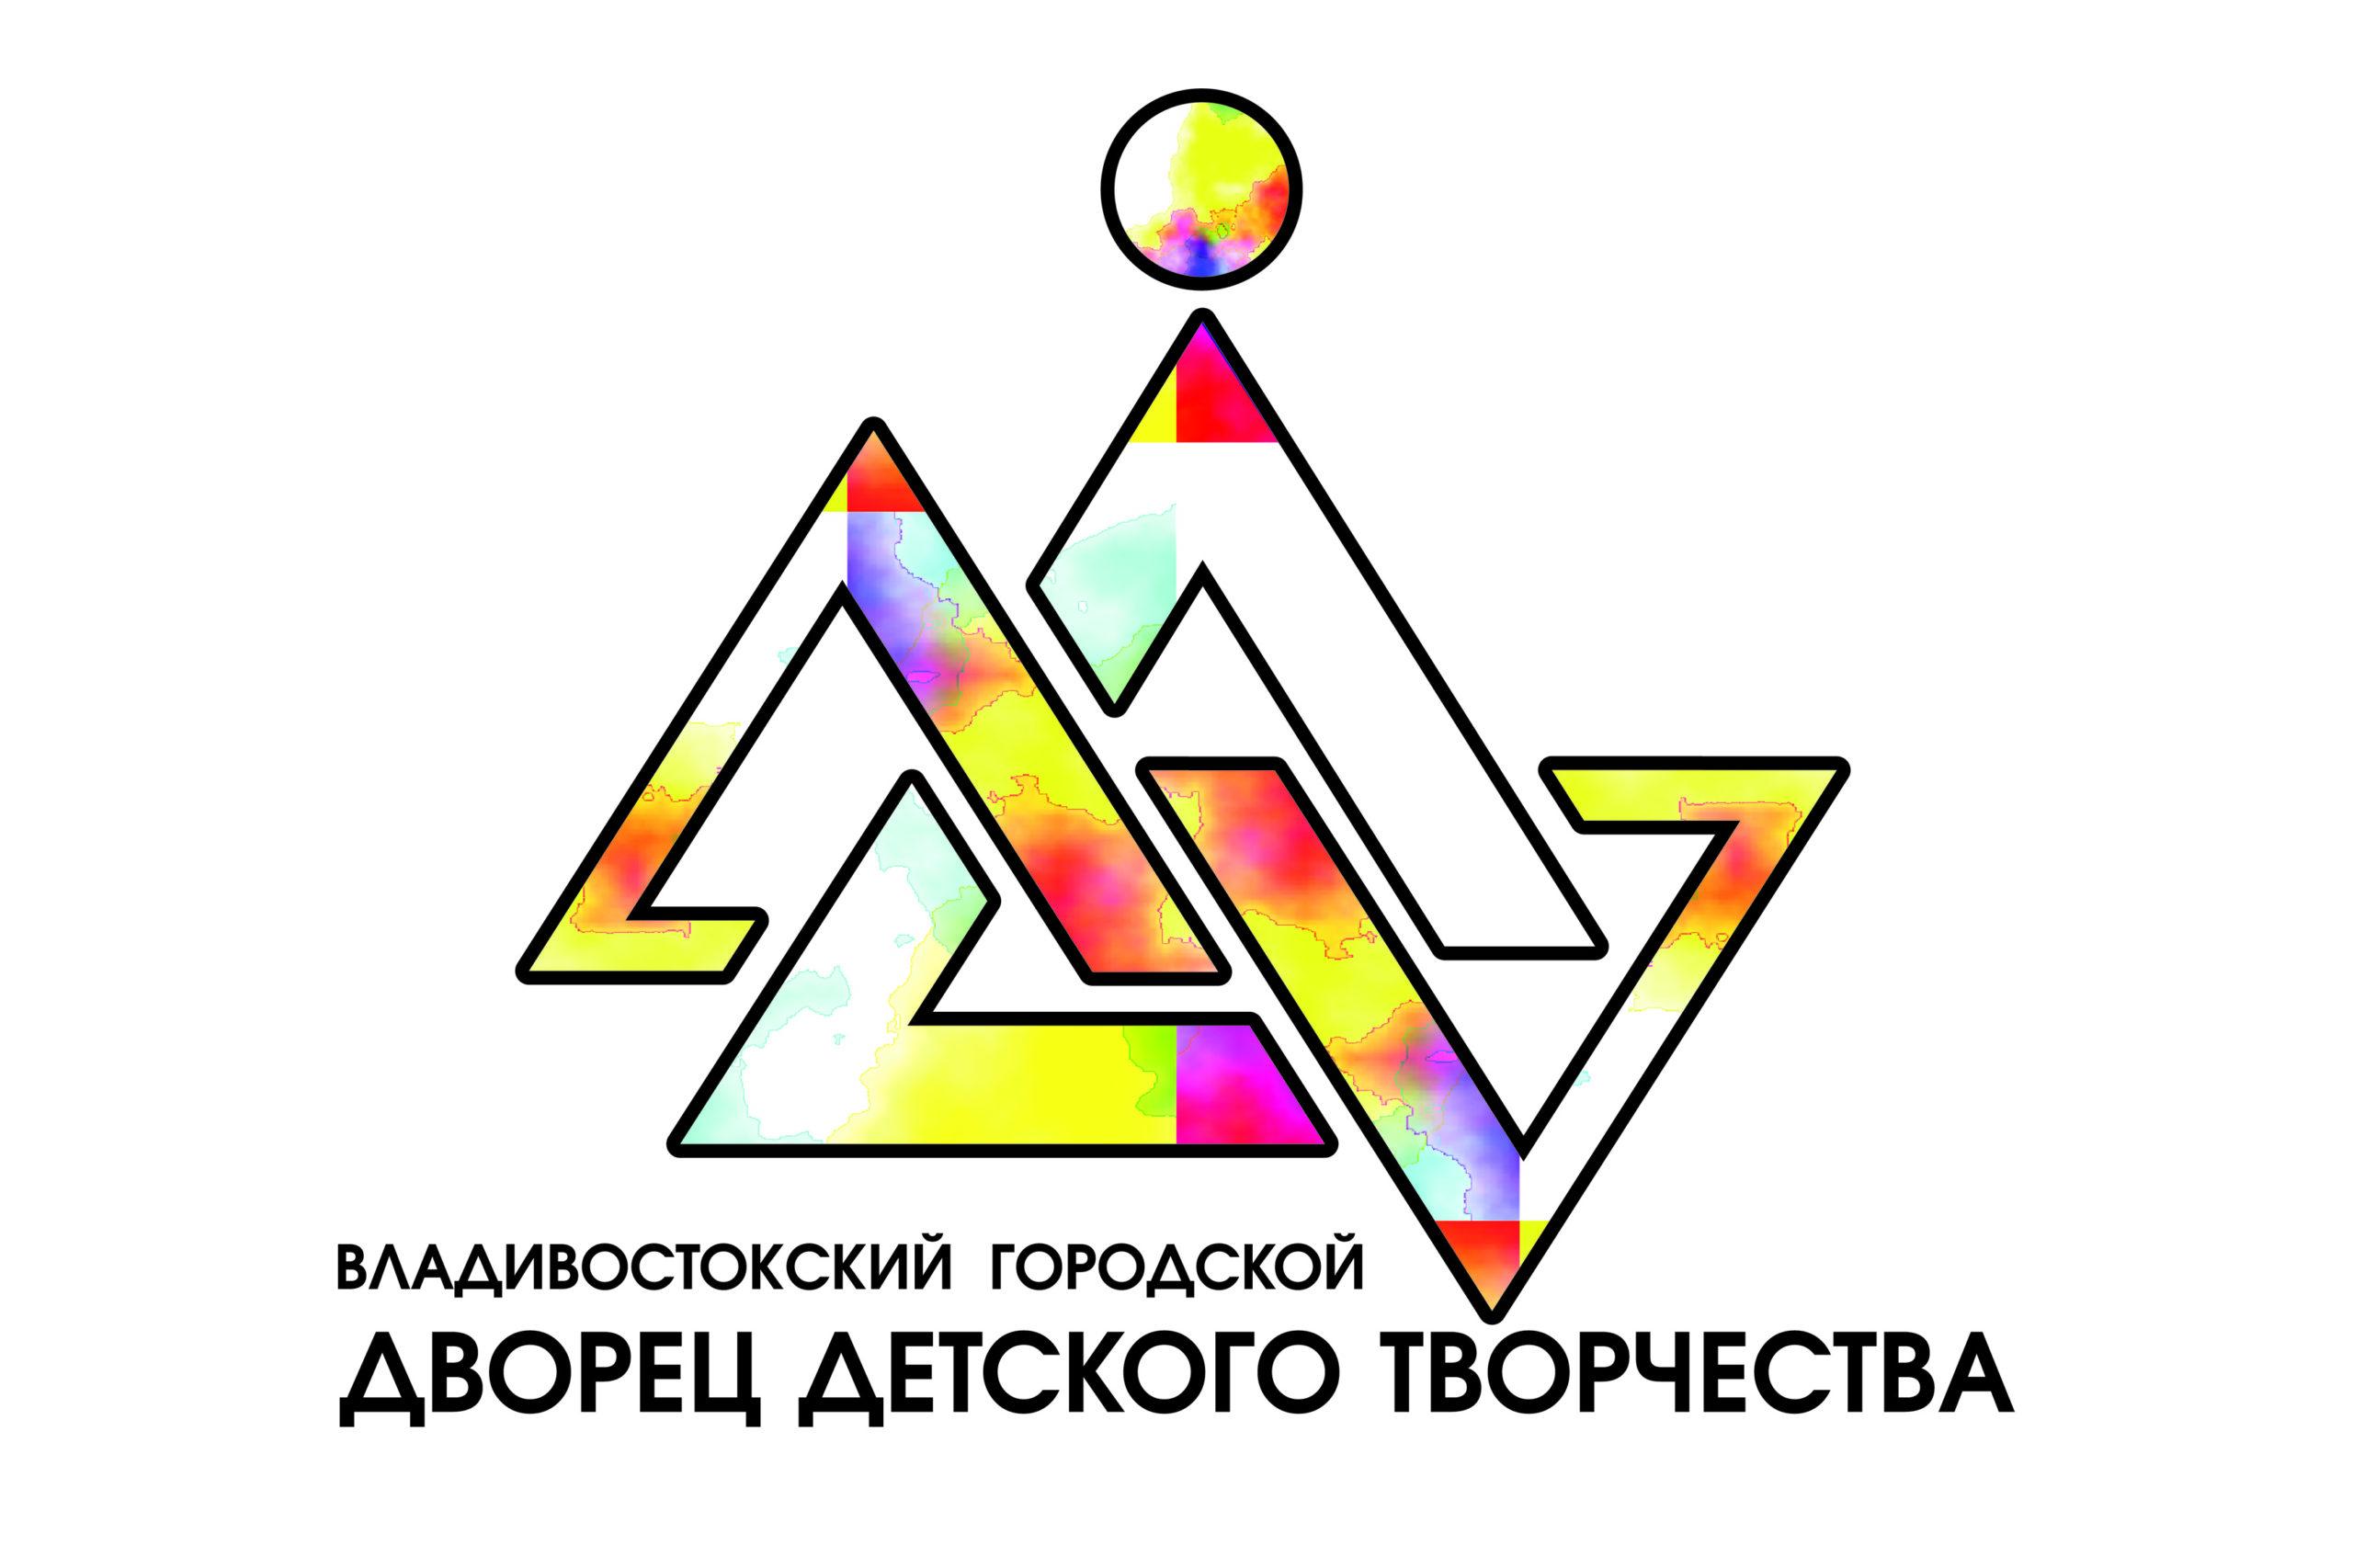 Владивостокский городской Дворец детского творчества